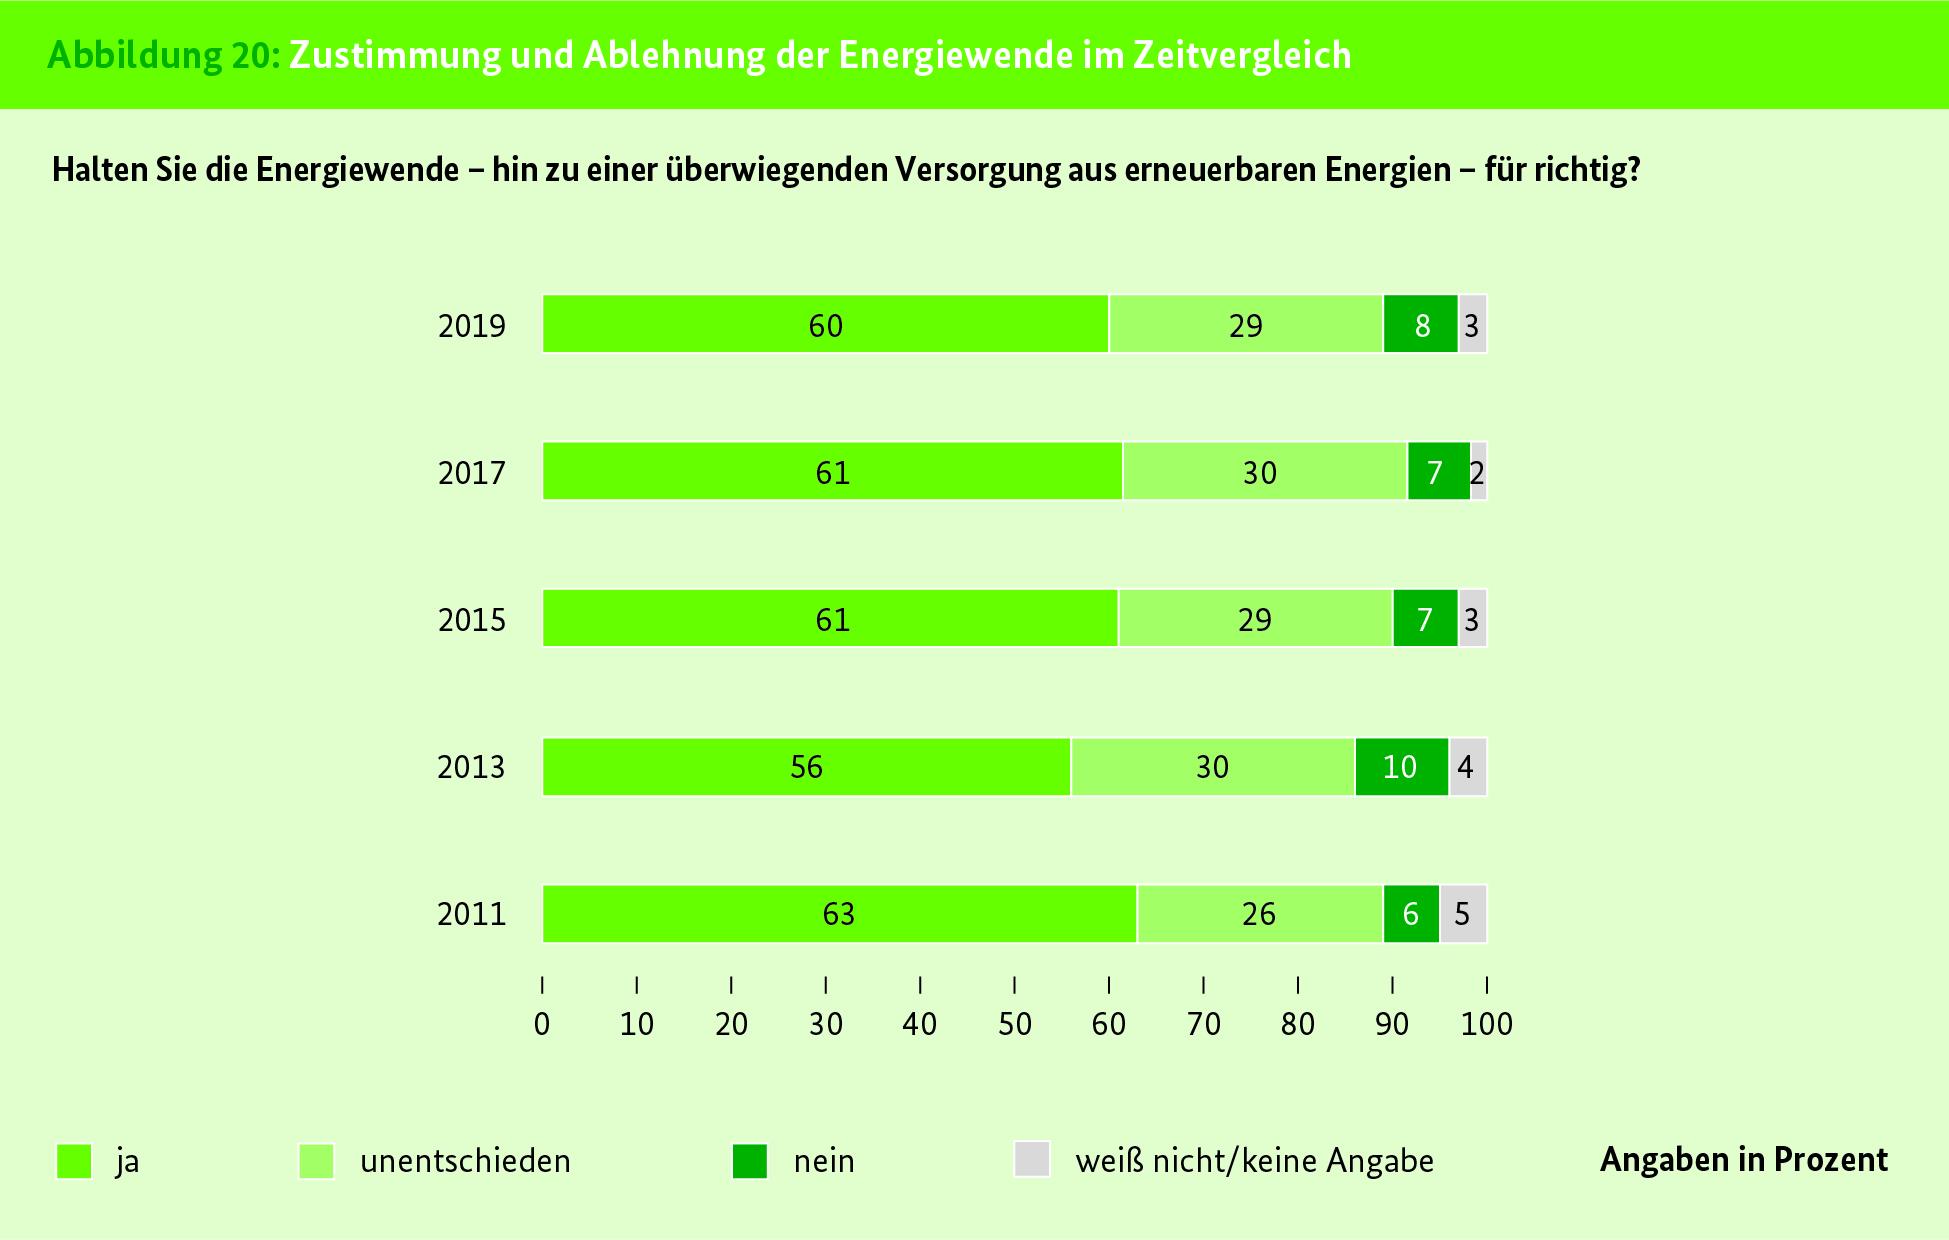 Balkendiagramm mit Ergebnissen zur Frage: Halten Sie die Energiewende für richtig?